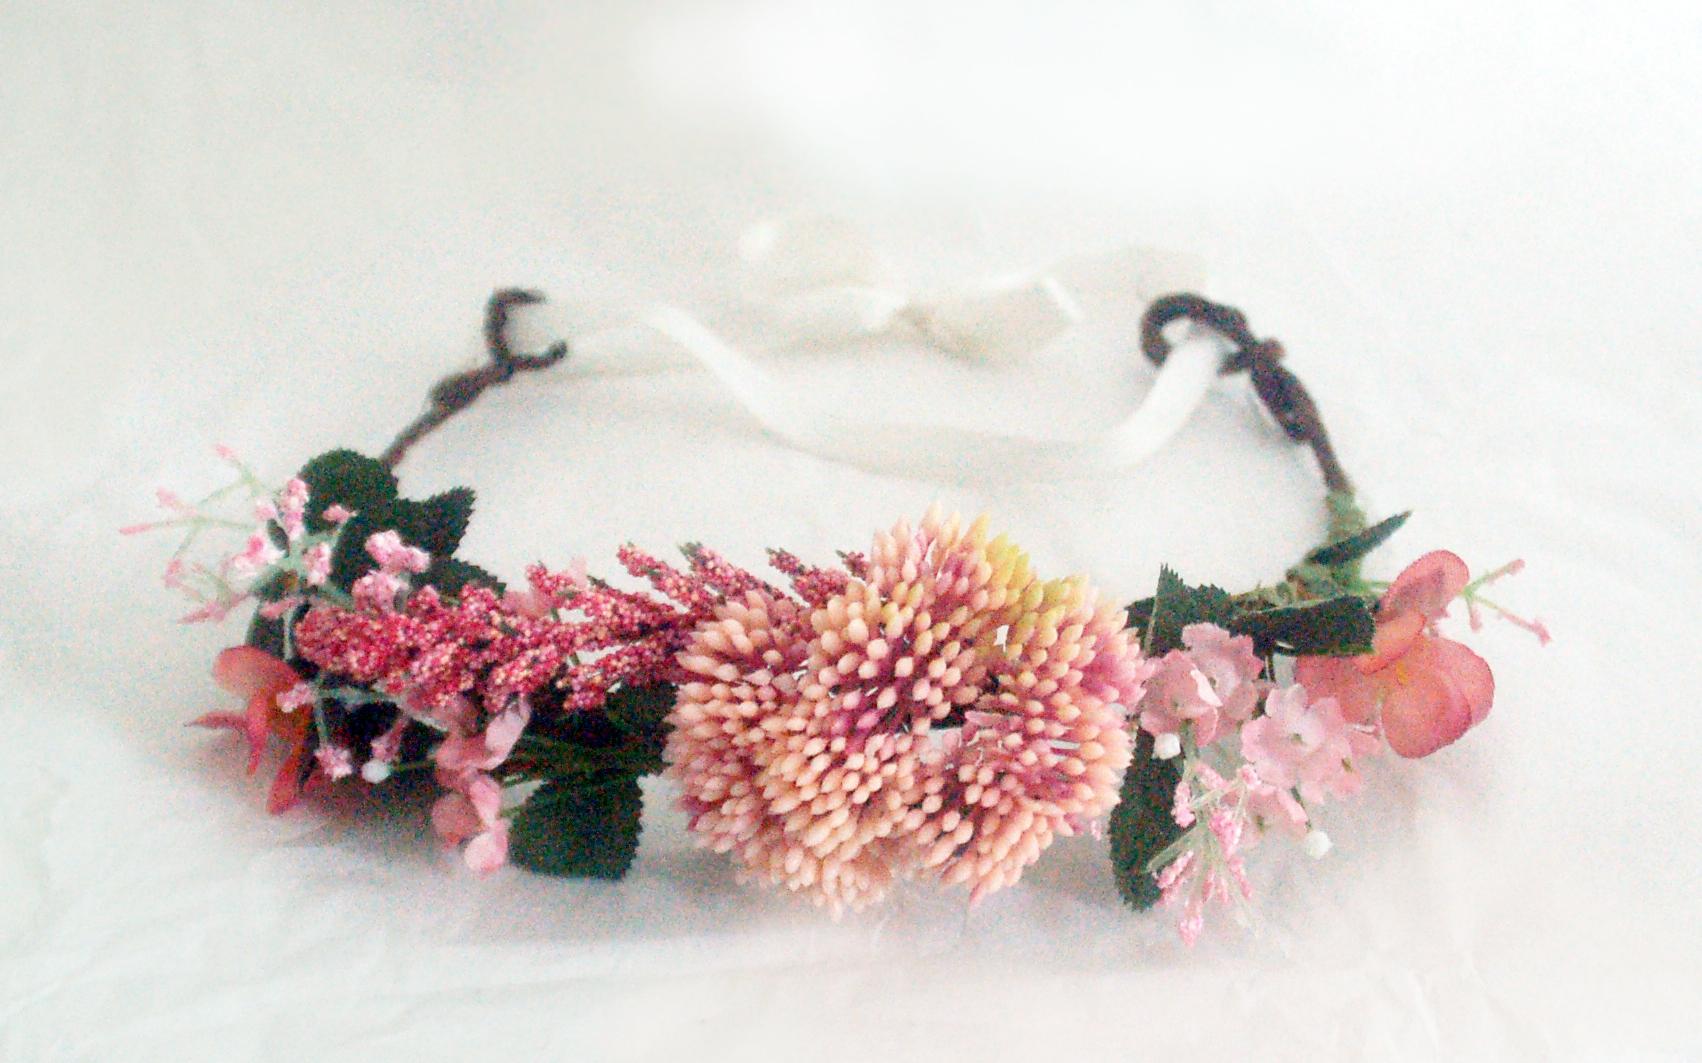 couronne de fleurs rose et verte pour mariage c r monie demoiselle d 39 honneur anniversaire. Black Bedroom Furniture Sets. Home Design Ideas